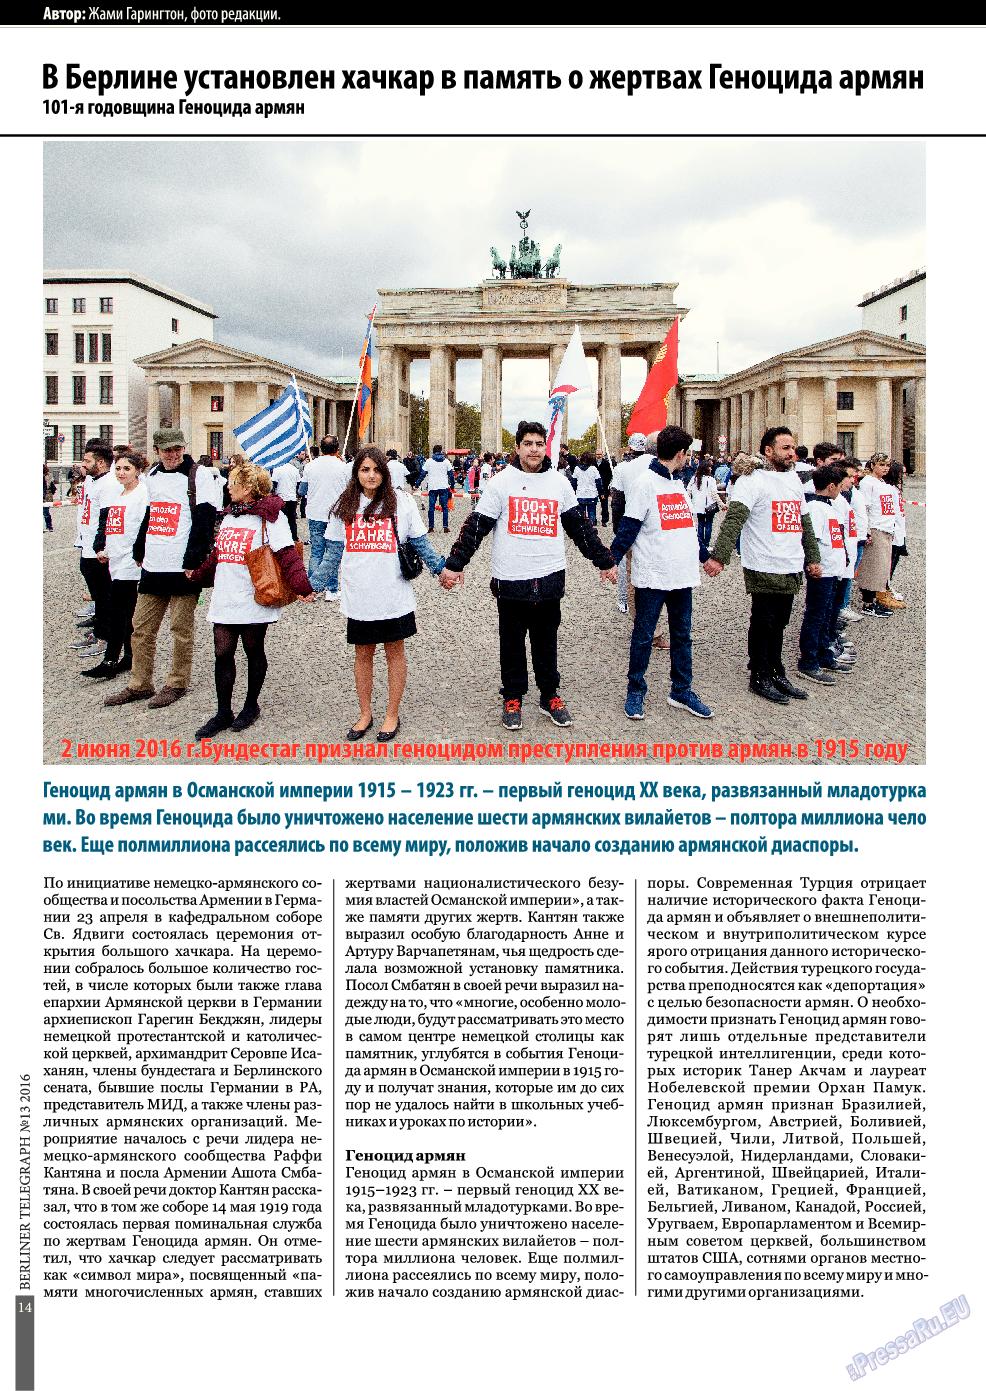 Берлинский телеграф (журнал). 2016 год, номер 13, стр. 14